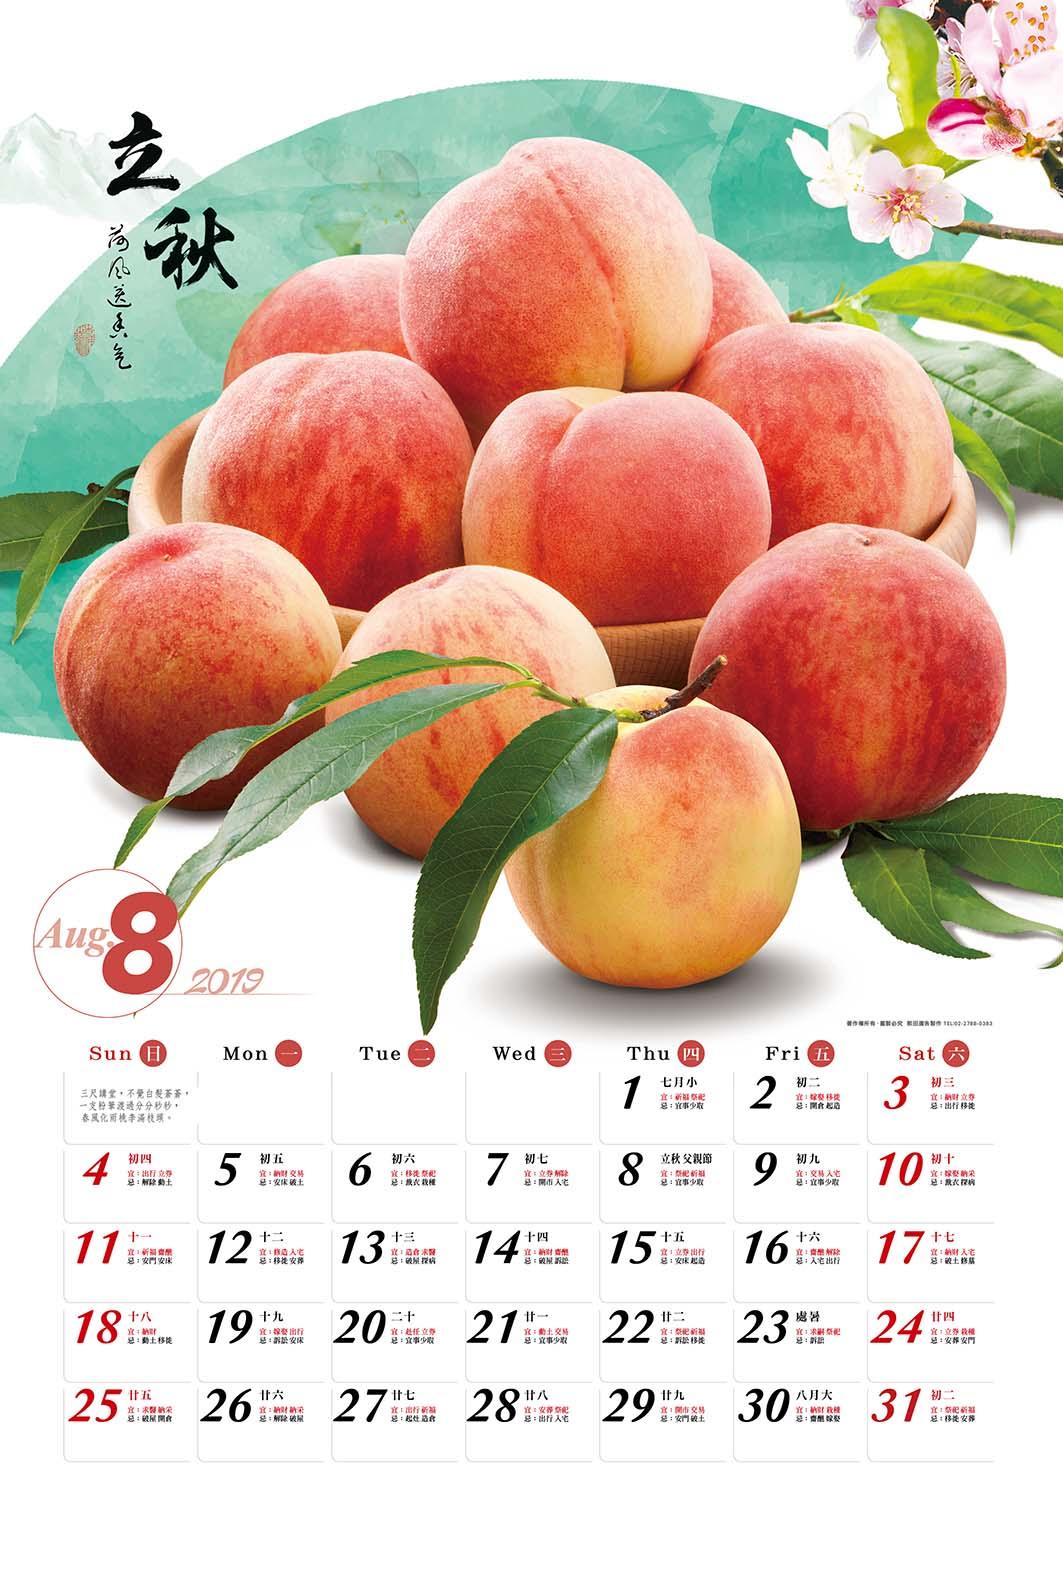 A02_水果月曆封面_8月.jpg